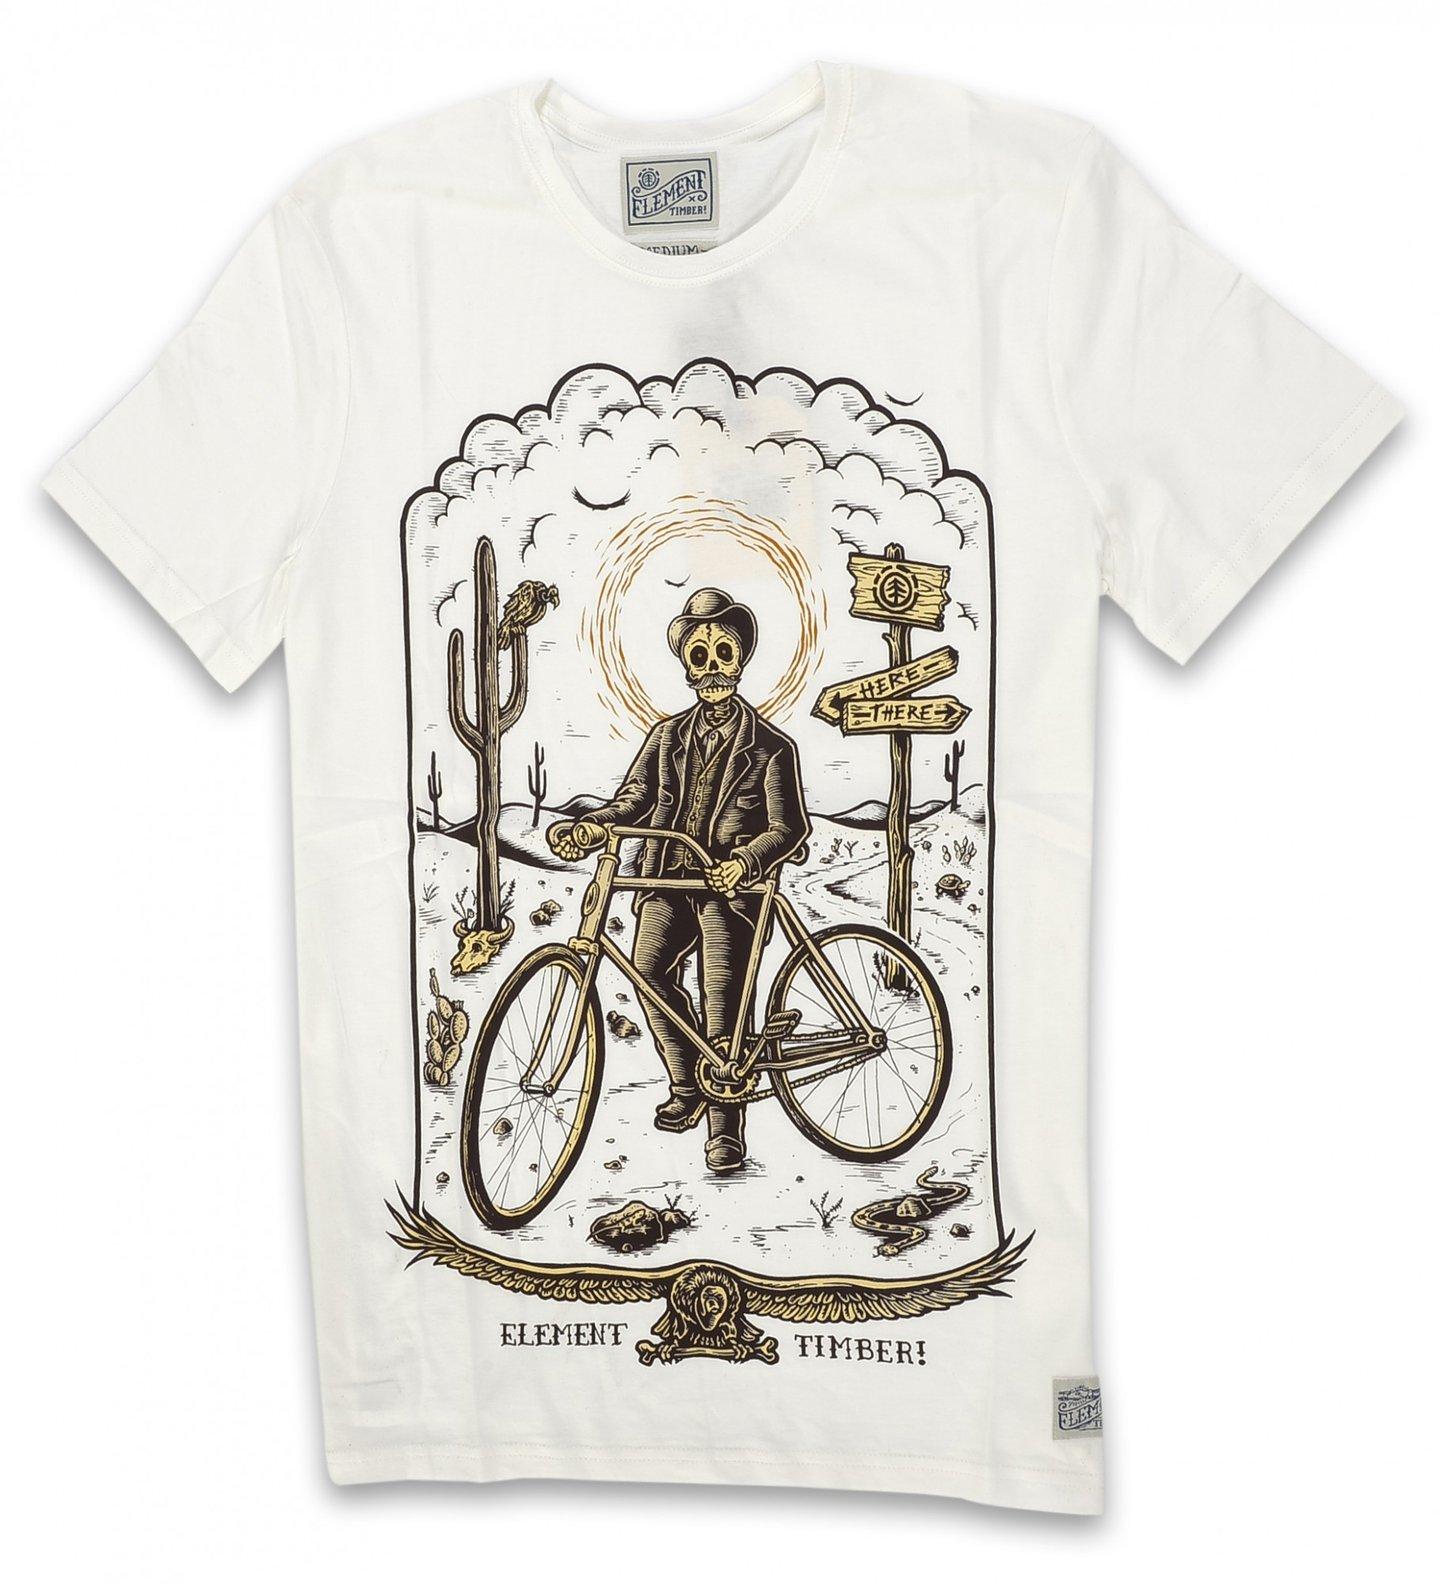 Element X Timber t-shirt